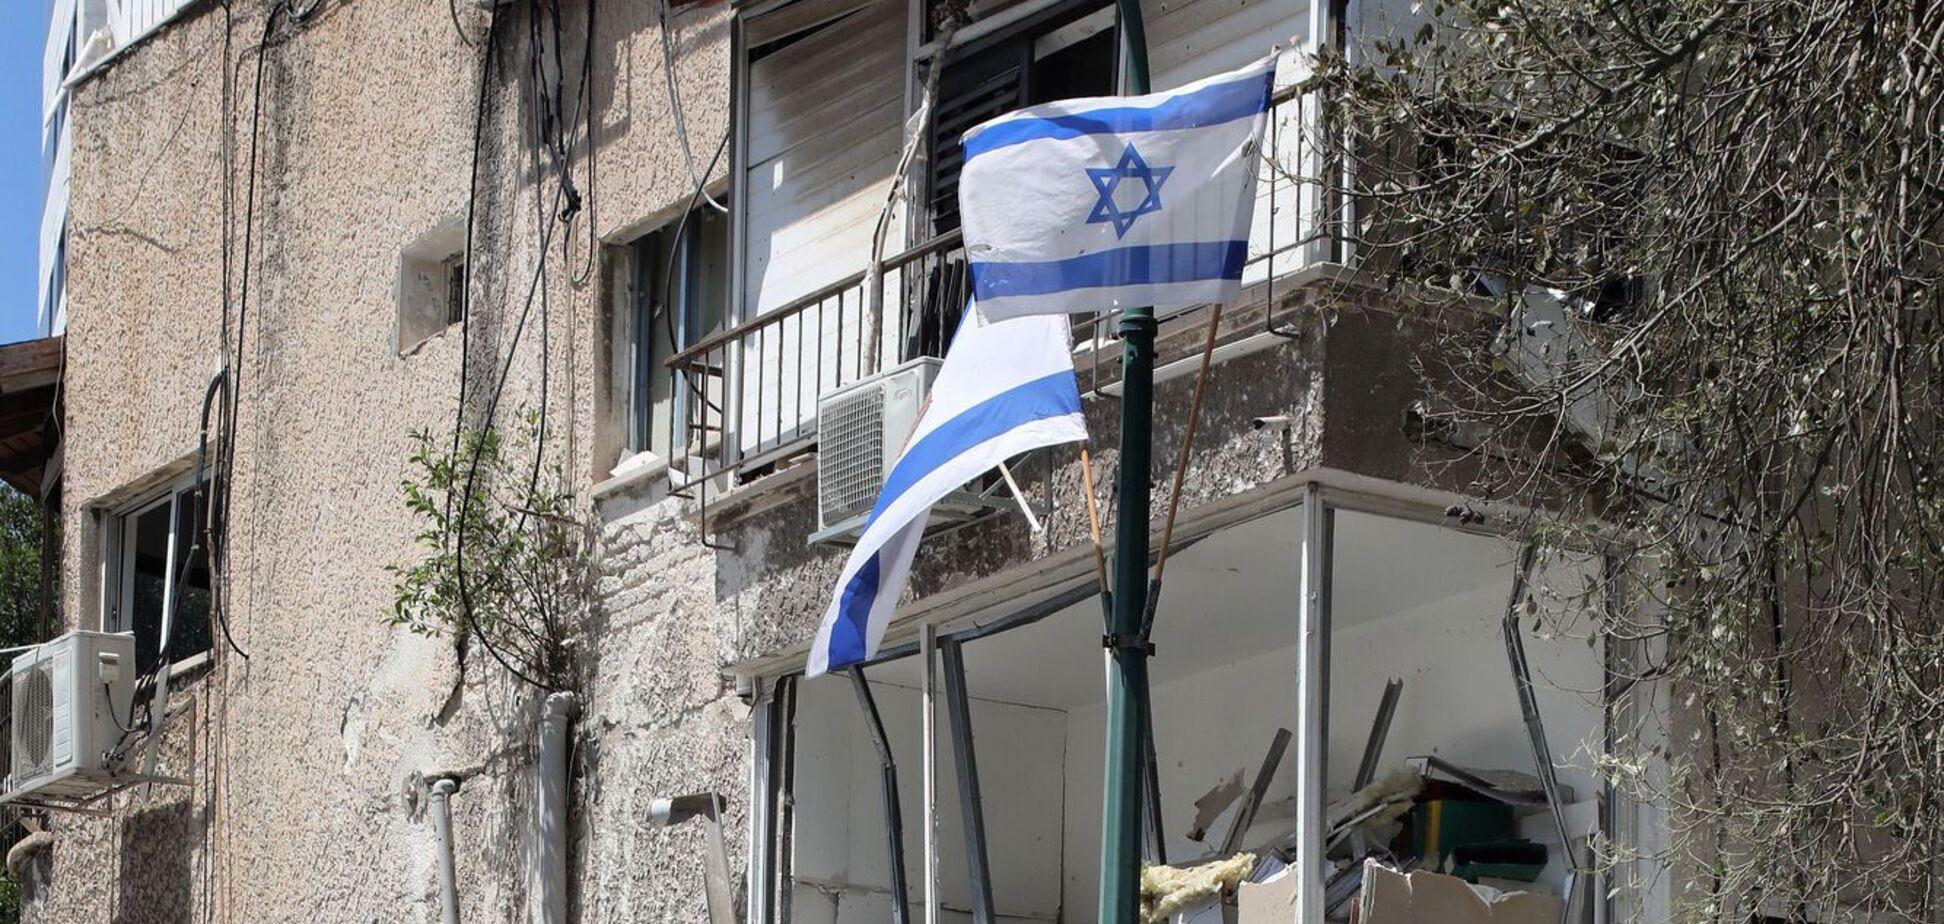 Арабы нападали на Израиль четыре раза, а он их пощадил